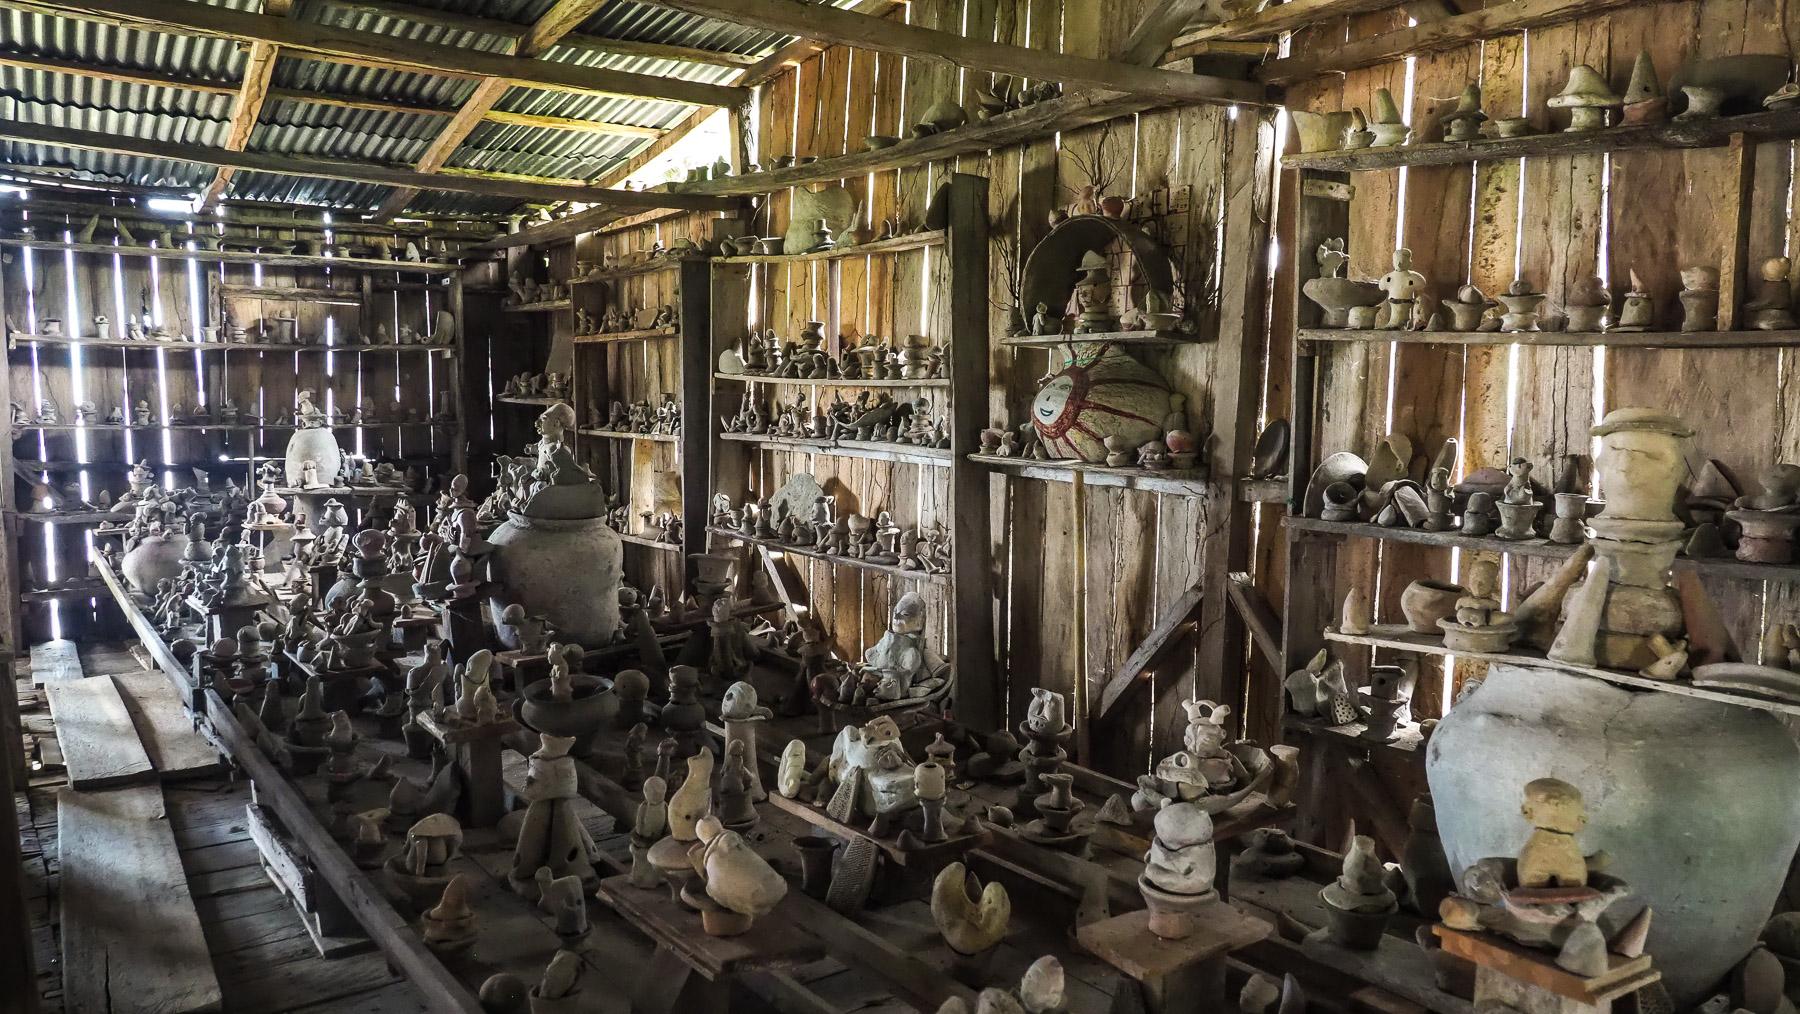 Ein wildes Sammelsurium wirklich alter Ton-Artefakte in einem Schuppen